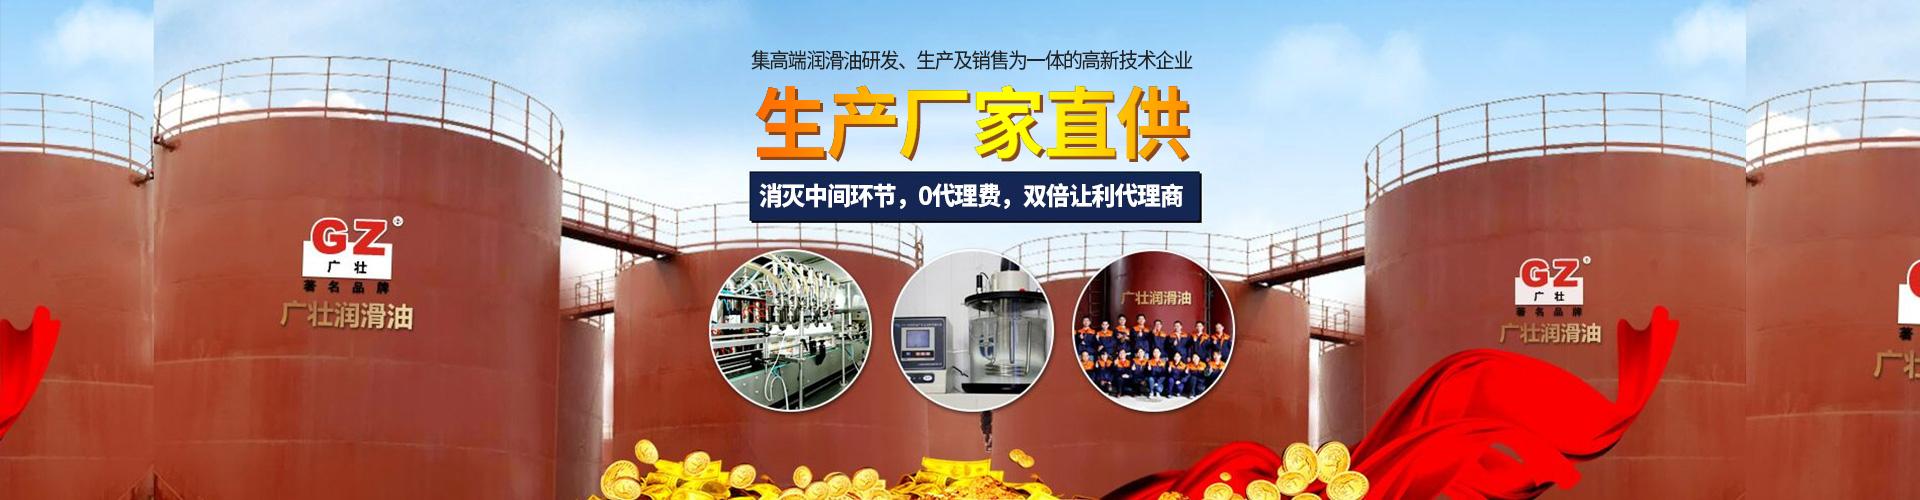 廣西潤滑油廠家,廣東潤滑油廠家,廣州潤滑油批發,云南潤滑油,湖南潤滑油銷售